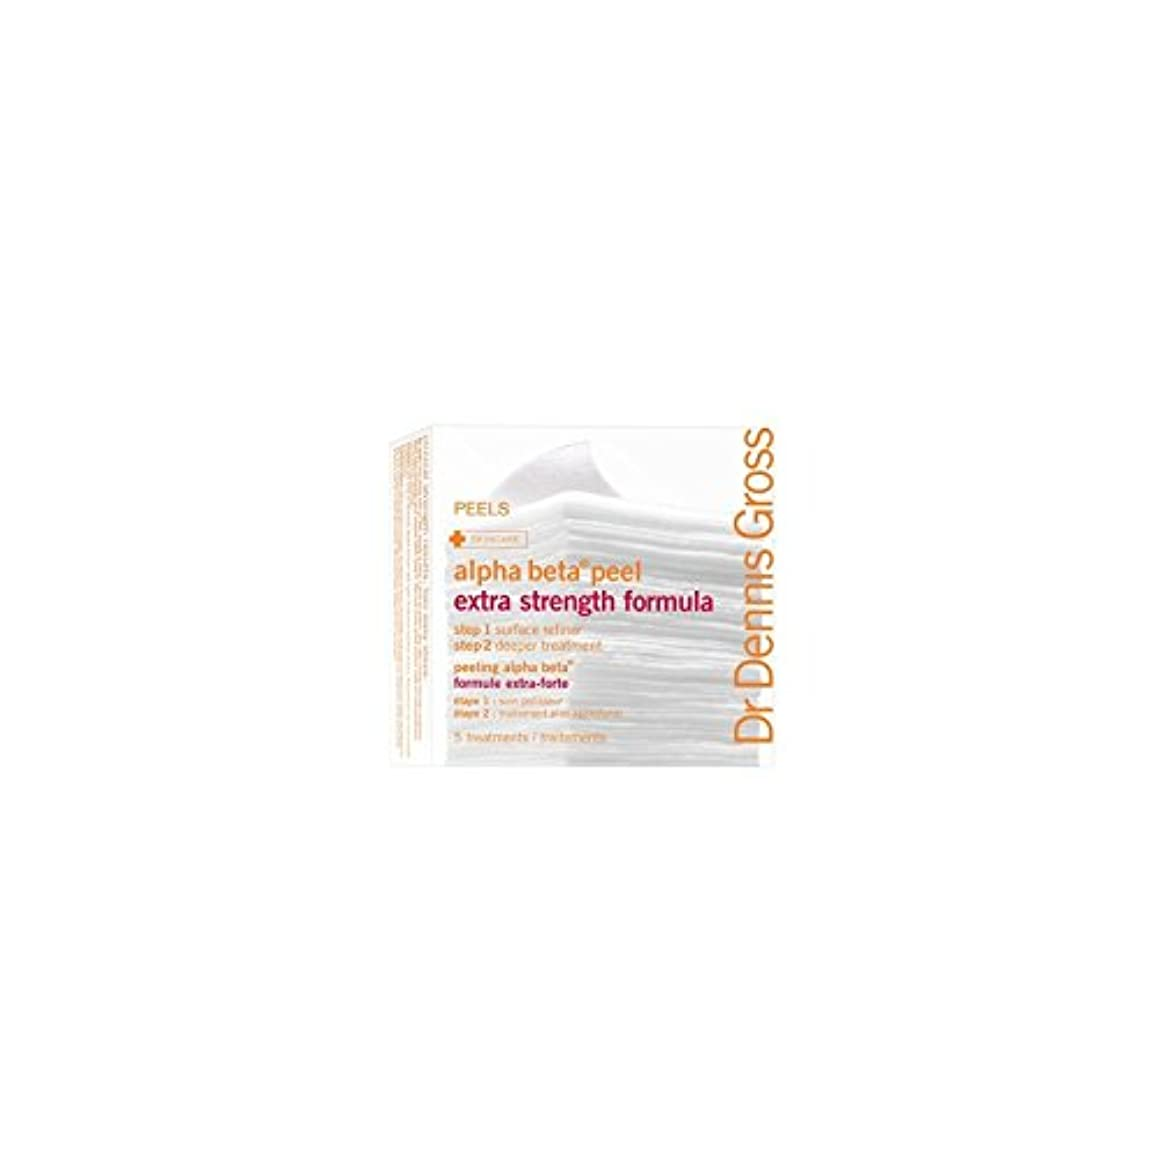 異邦人つぼみスパイラルDr Dennis Gross Extra Strength Alpha Beta Peel - Extra Strength (5 Packettes) (Pack of 6) - デニスグロス余分な強度アルファベータピール - 余分な強さ(5 ) x6 [並行輸入品]